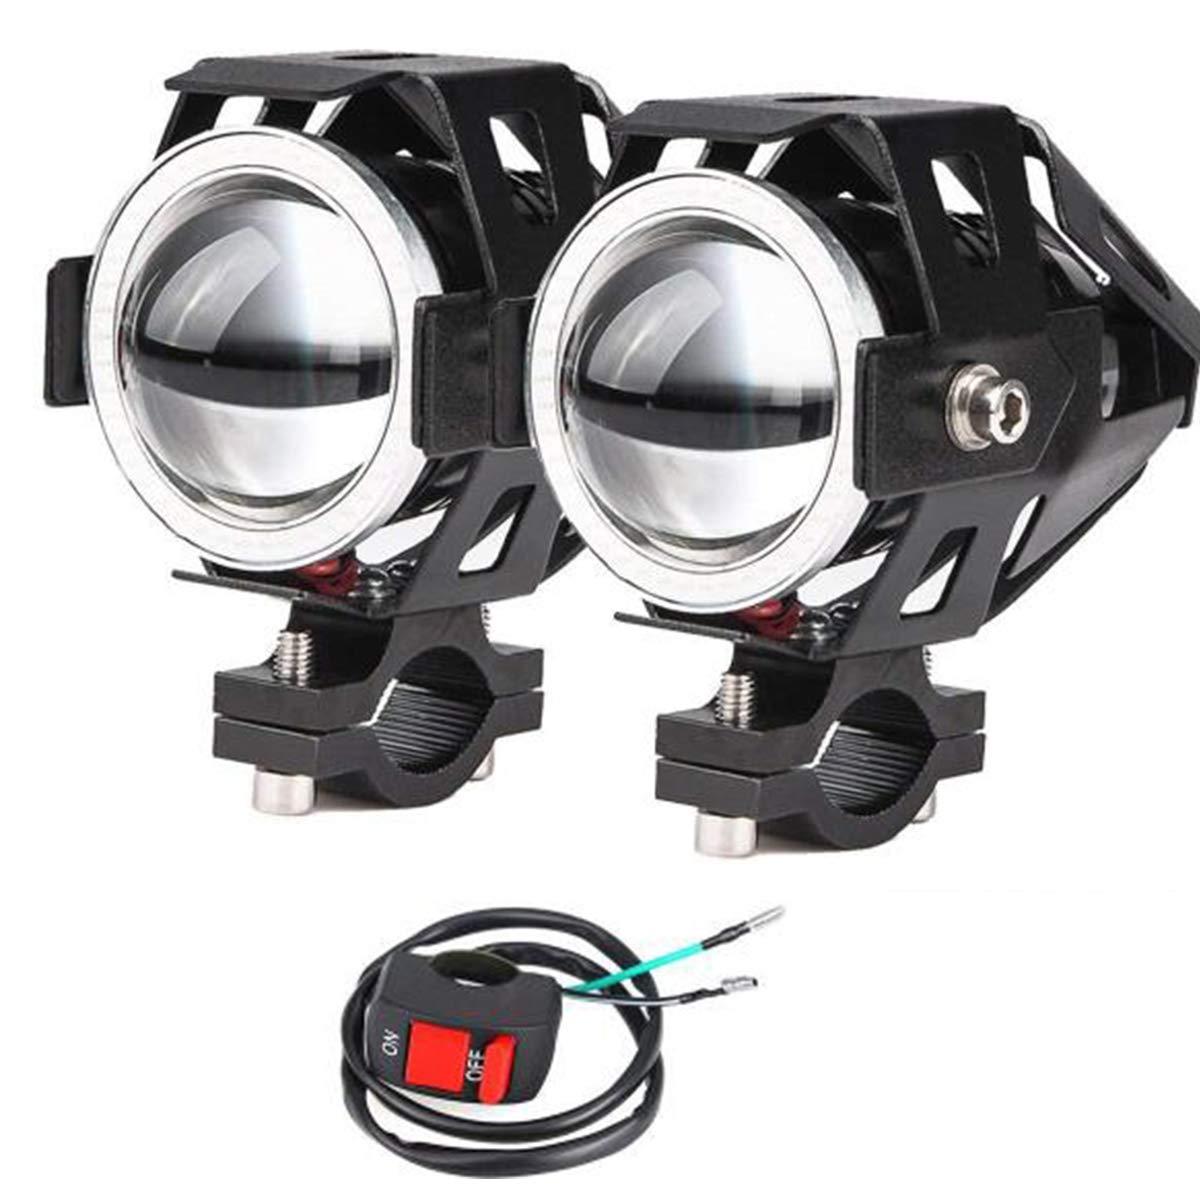 2x Motorrad Scheinwerfer mit Angel Eyes Lichter CREE U7 DRL Nebelscheinwerfer fü r Autos Fahrrad Boot ATV Frontscheinwerfer High/Dim / Strobe 3 Modi 6500K Weiß e Farbe Schalter enthalten POCKETMAN